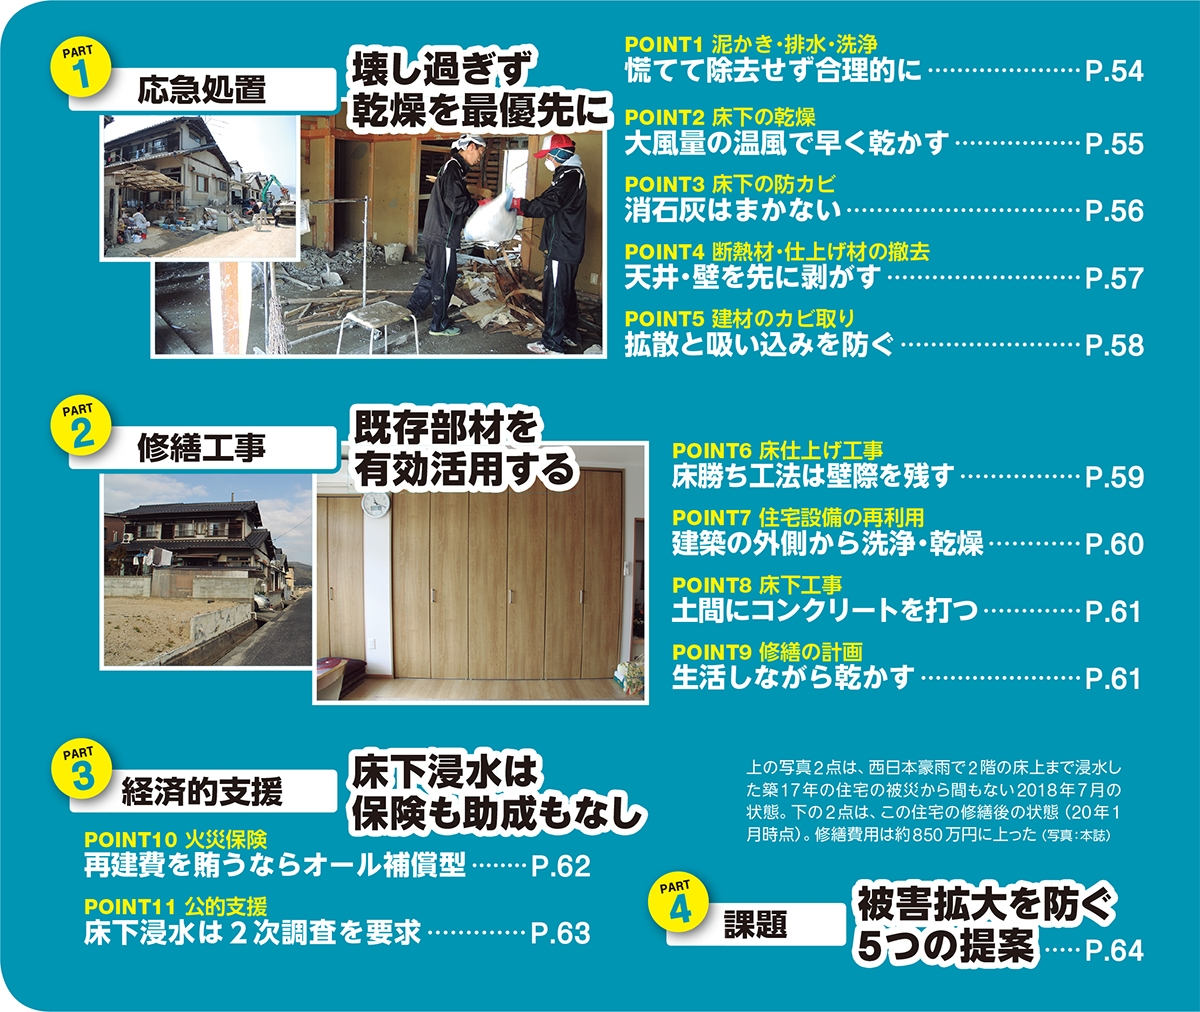 上の写真2点は、西日本豪雨で2階の床上まで浸水した築17年の住宅の被災から間もない2018年7月の状態。下の2点は、この住宅の修繕後の状態(20年1月時点)。修繕費用は約850万円に上った(写真:日経ホームビルダー)